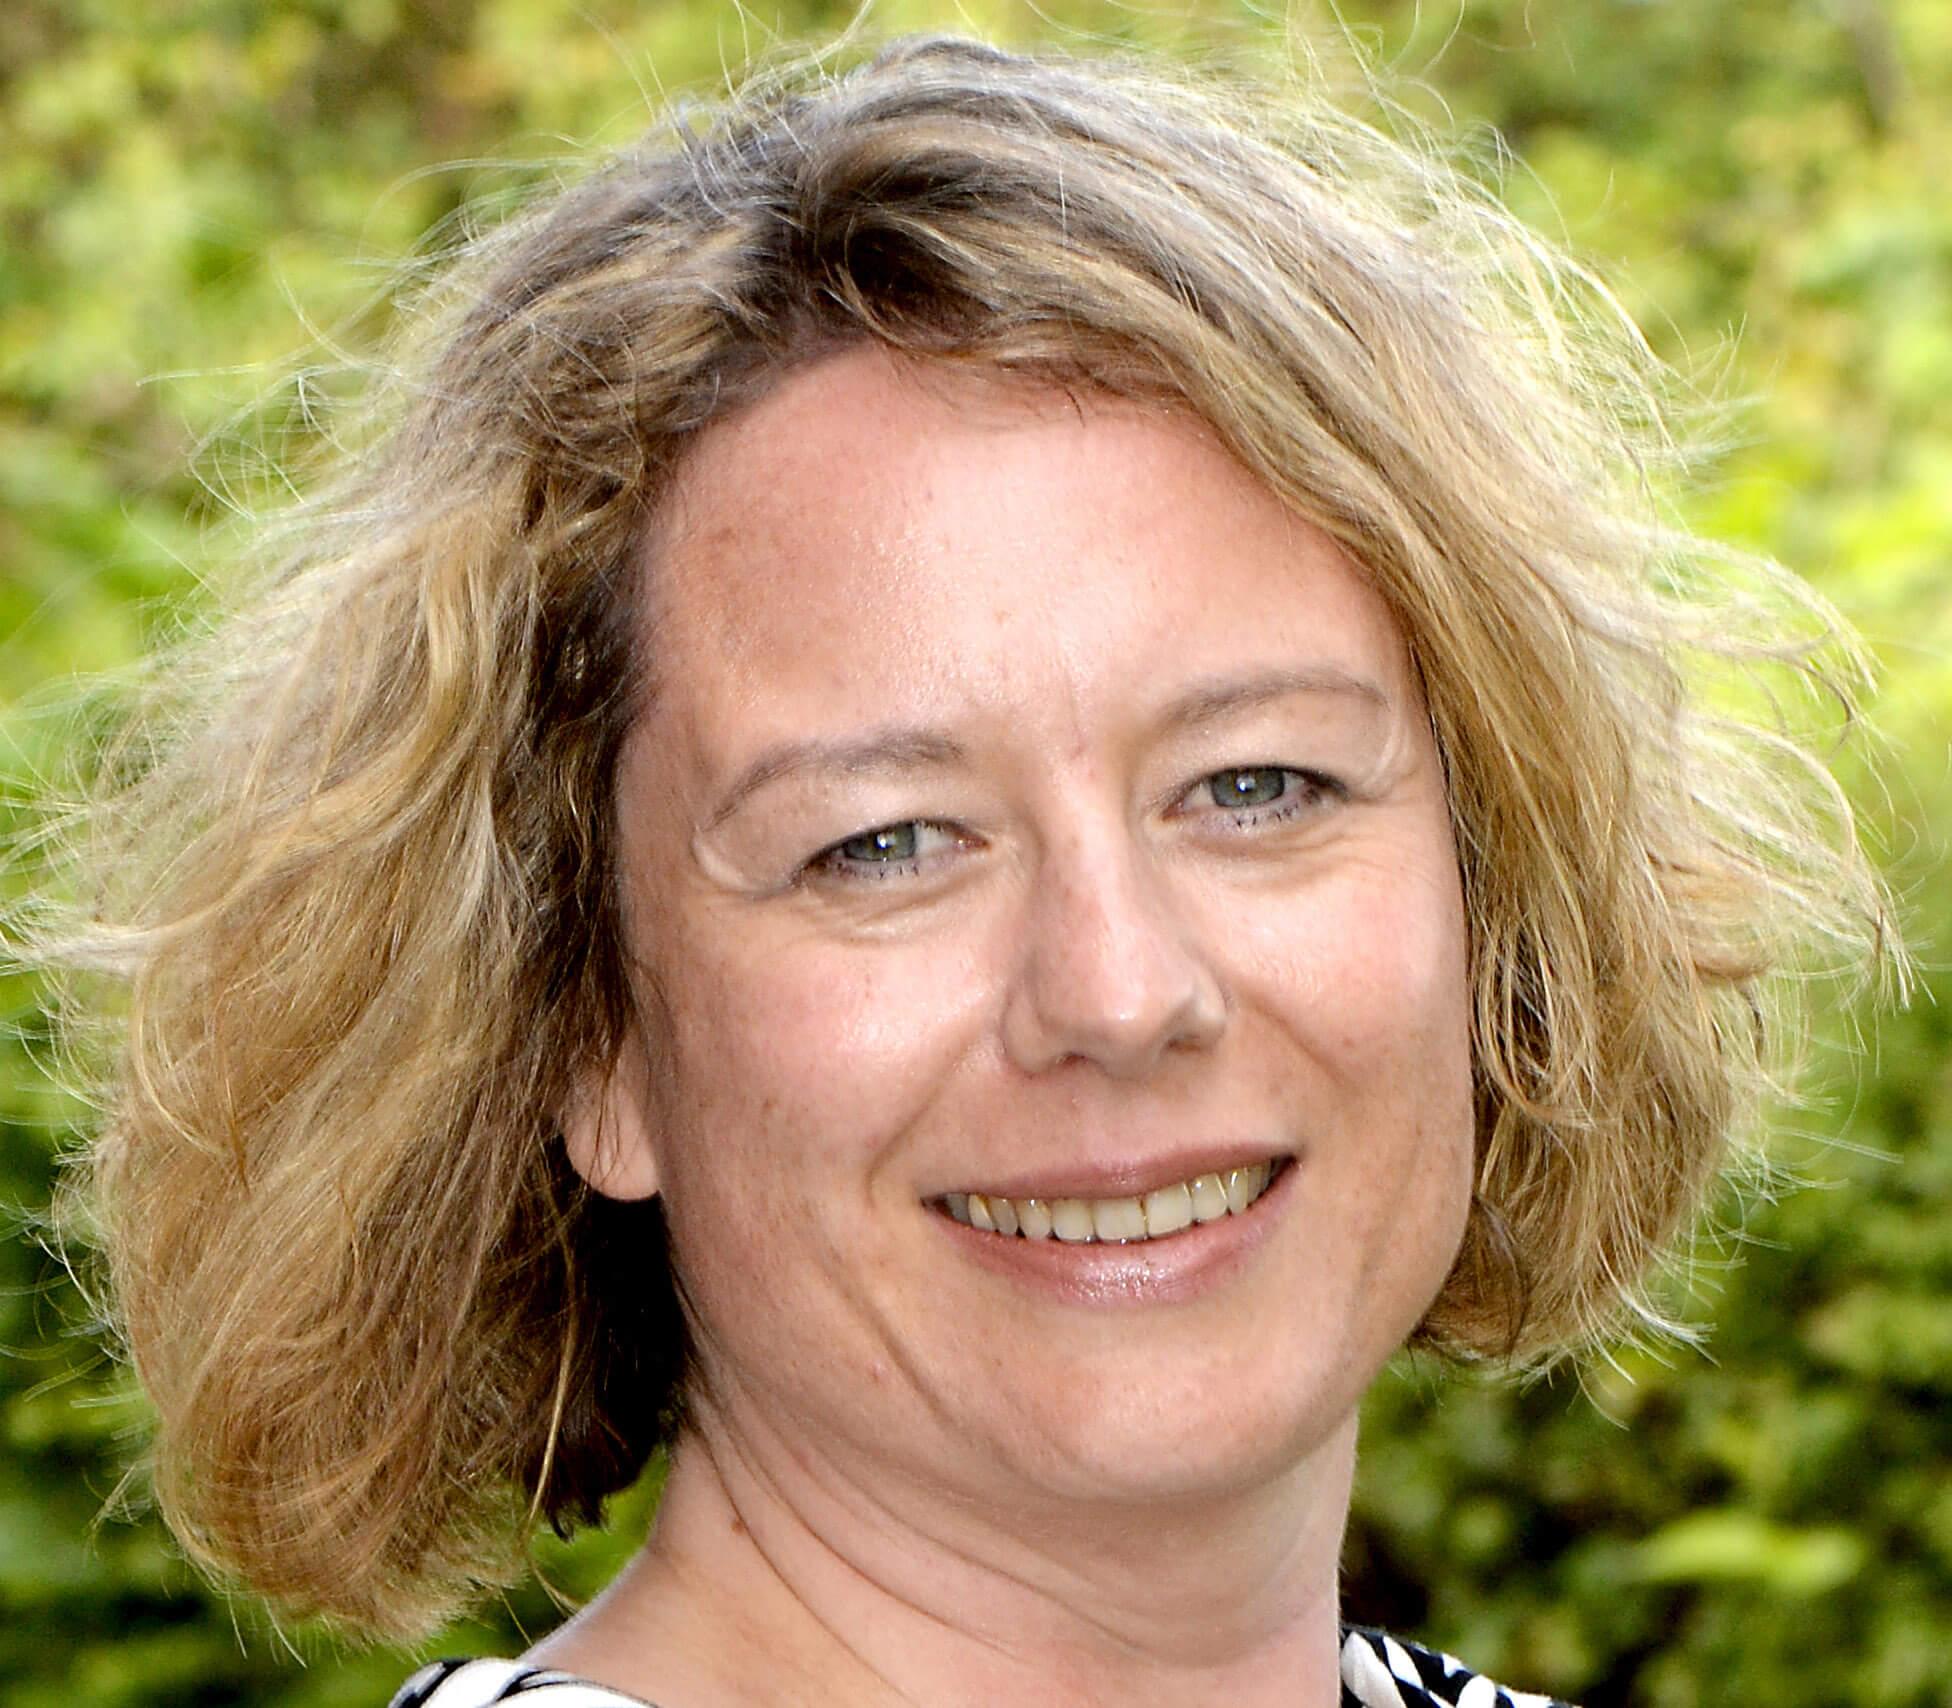 Fiona Cocks